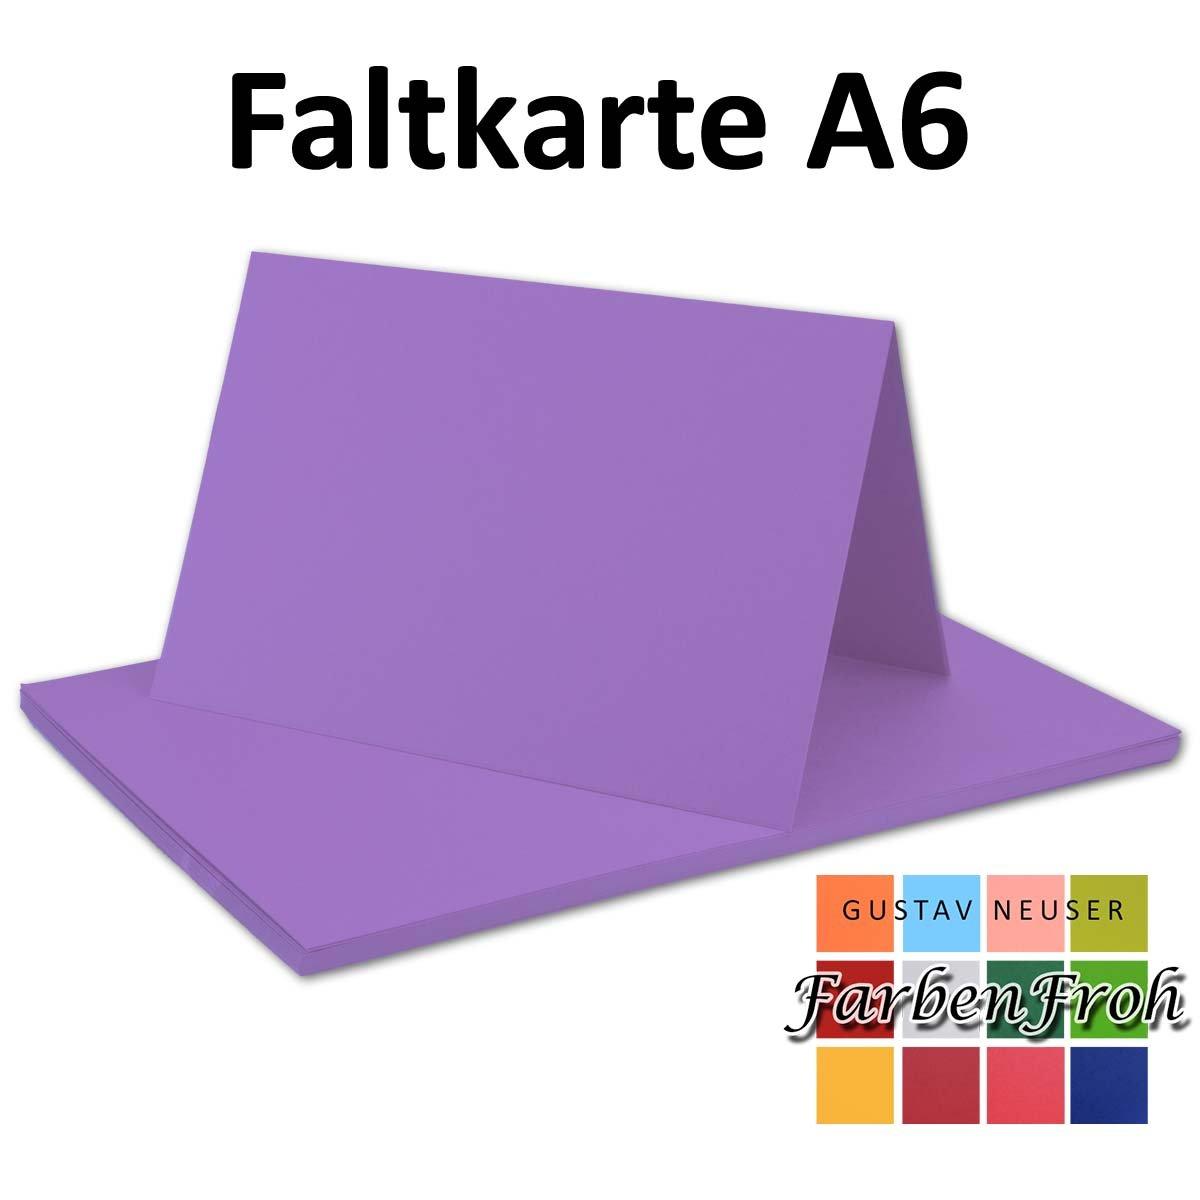 250x Falt-Karten DIN A6 Blanko Doppel-Karten in in in Hochweiß Kristallweiß -10,5 x 14,8 cm   Premium Qualität   FarbenFroh® B079VJXHG3 | Discount  6ea373